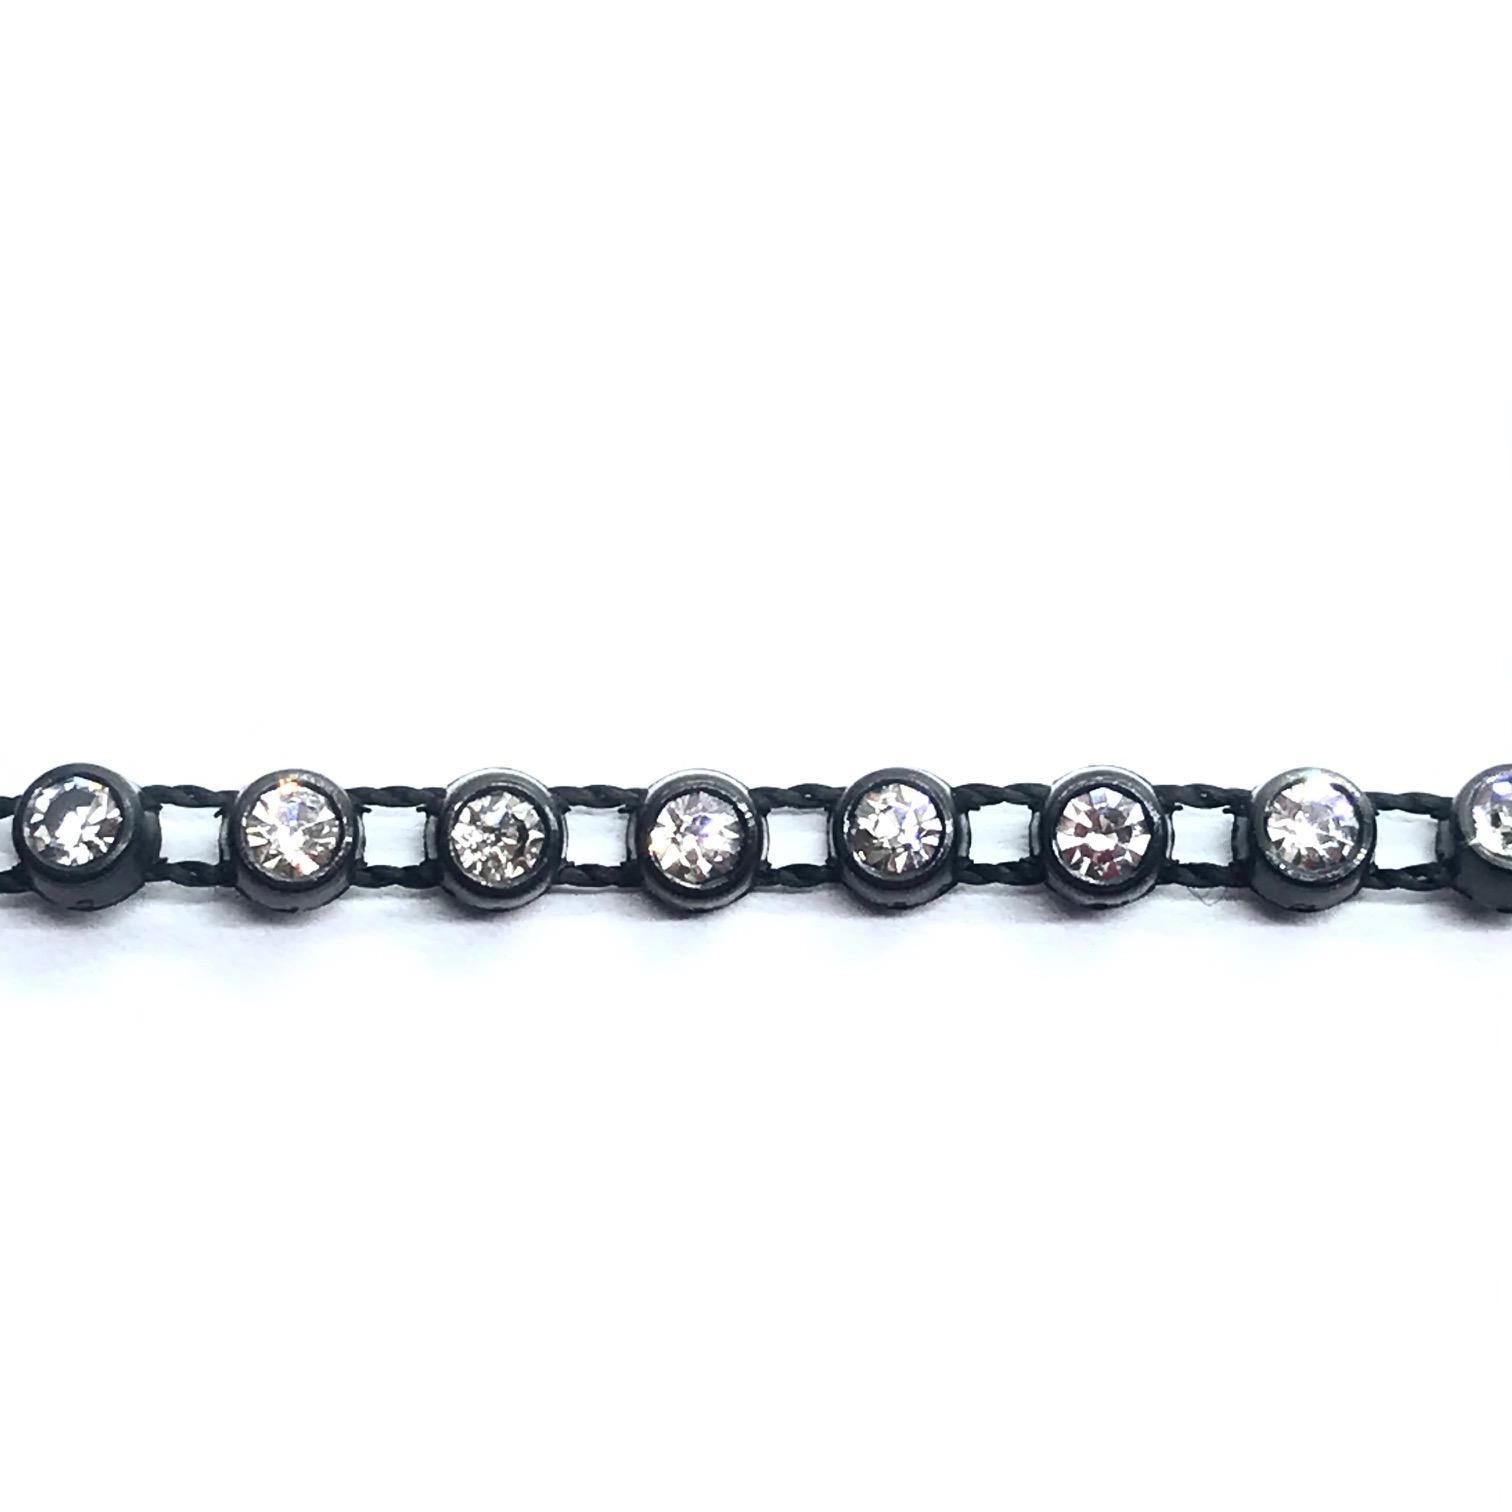 Galon de strass a coudre strass cristal base plastique noir strass cristal 2mm